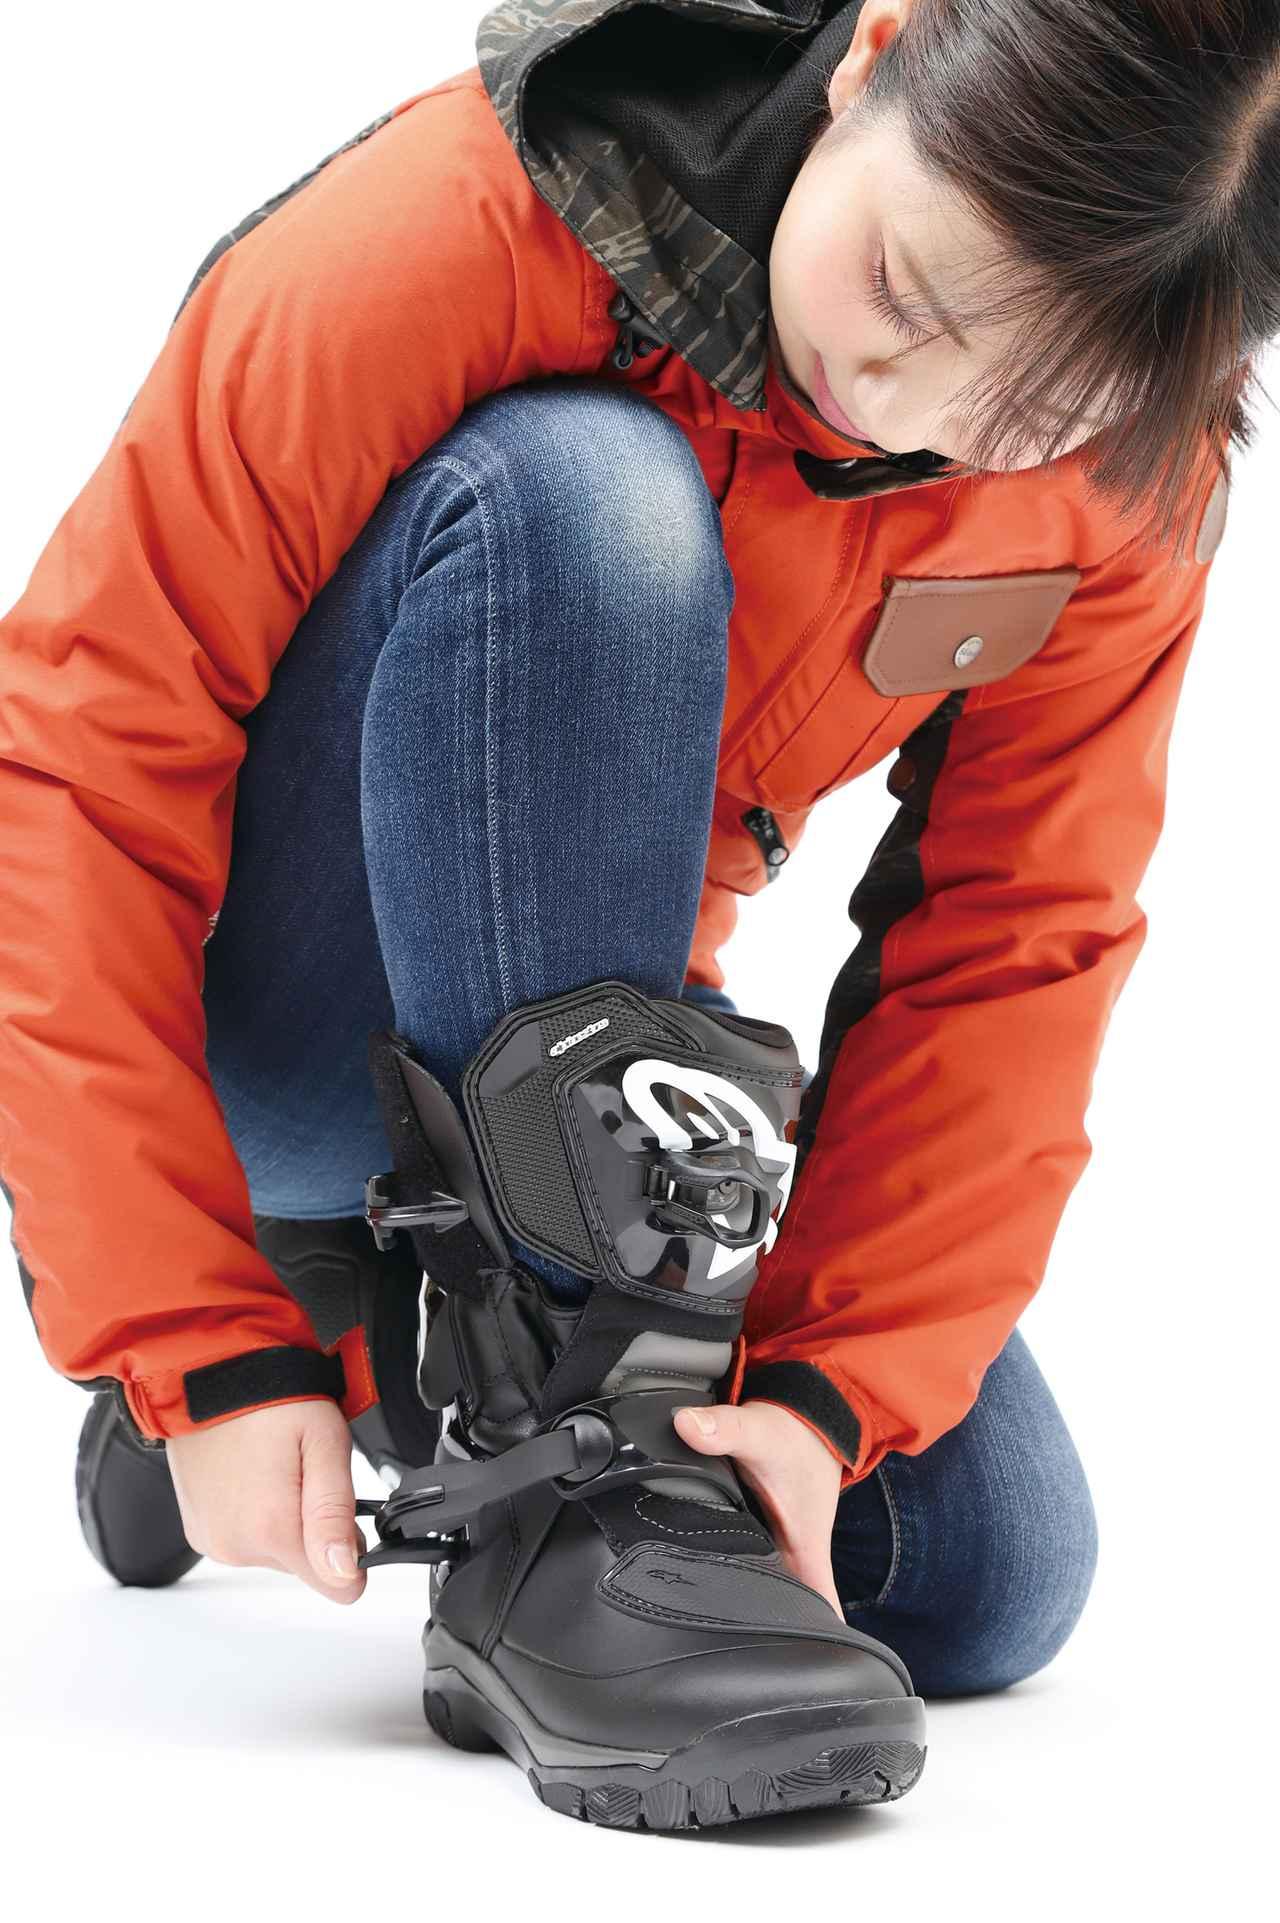 Images : 5番目の画像 - 「全天候型でしかも歩きやすい! アドベンチャー・ツーリングにちょうどいいアルパインスターズ「ベリーズ ドライスター ブーツ」」のアルバム - webオートバイ